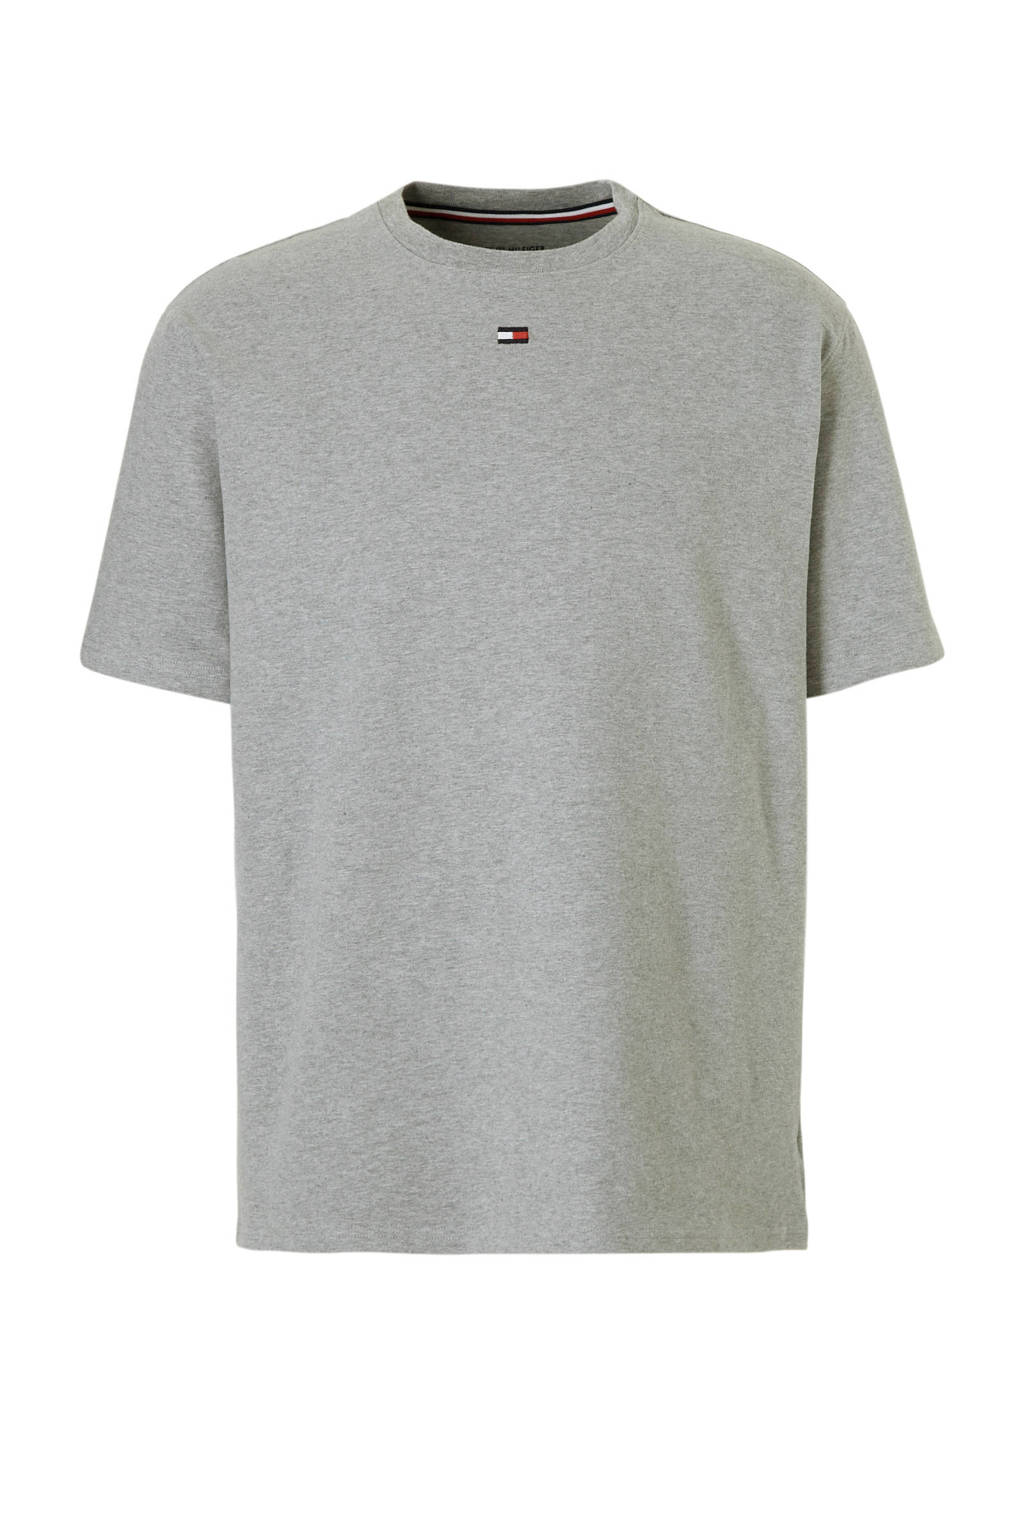 Tommy Hilfiger pyjamatop met katoen grijs mêlee, grijs mêlee